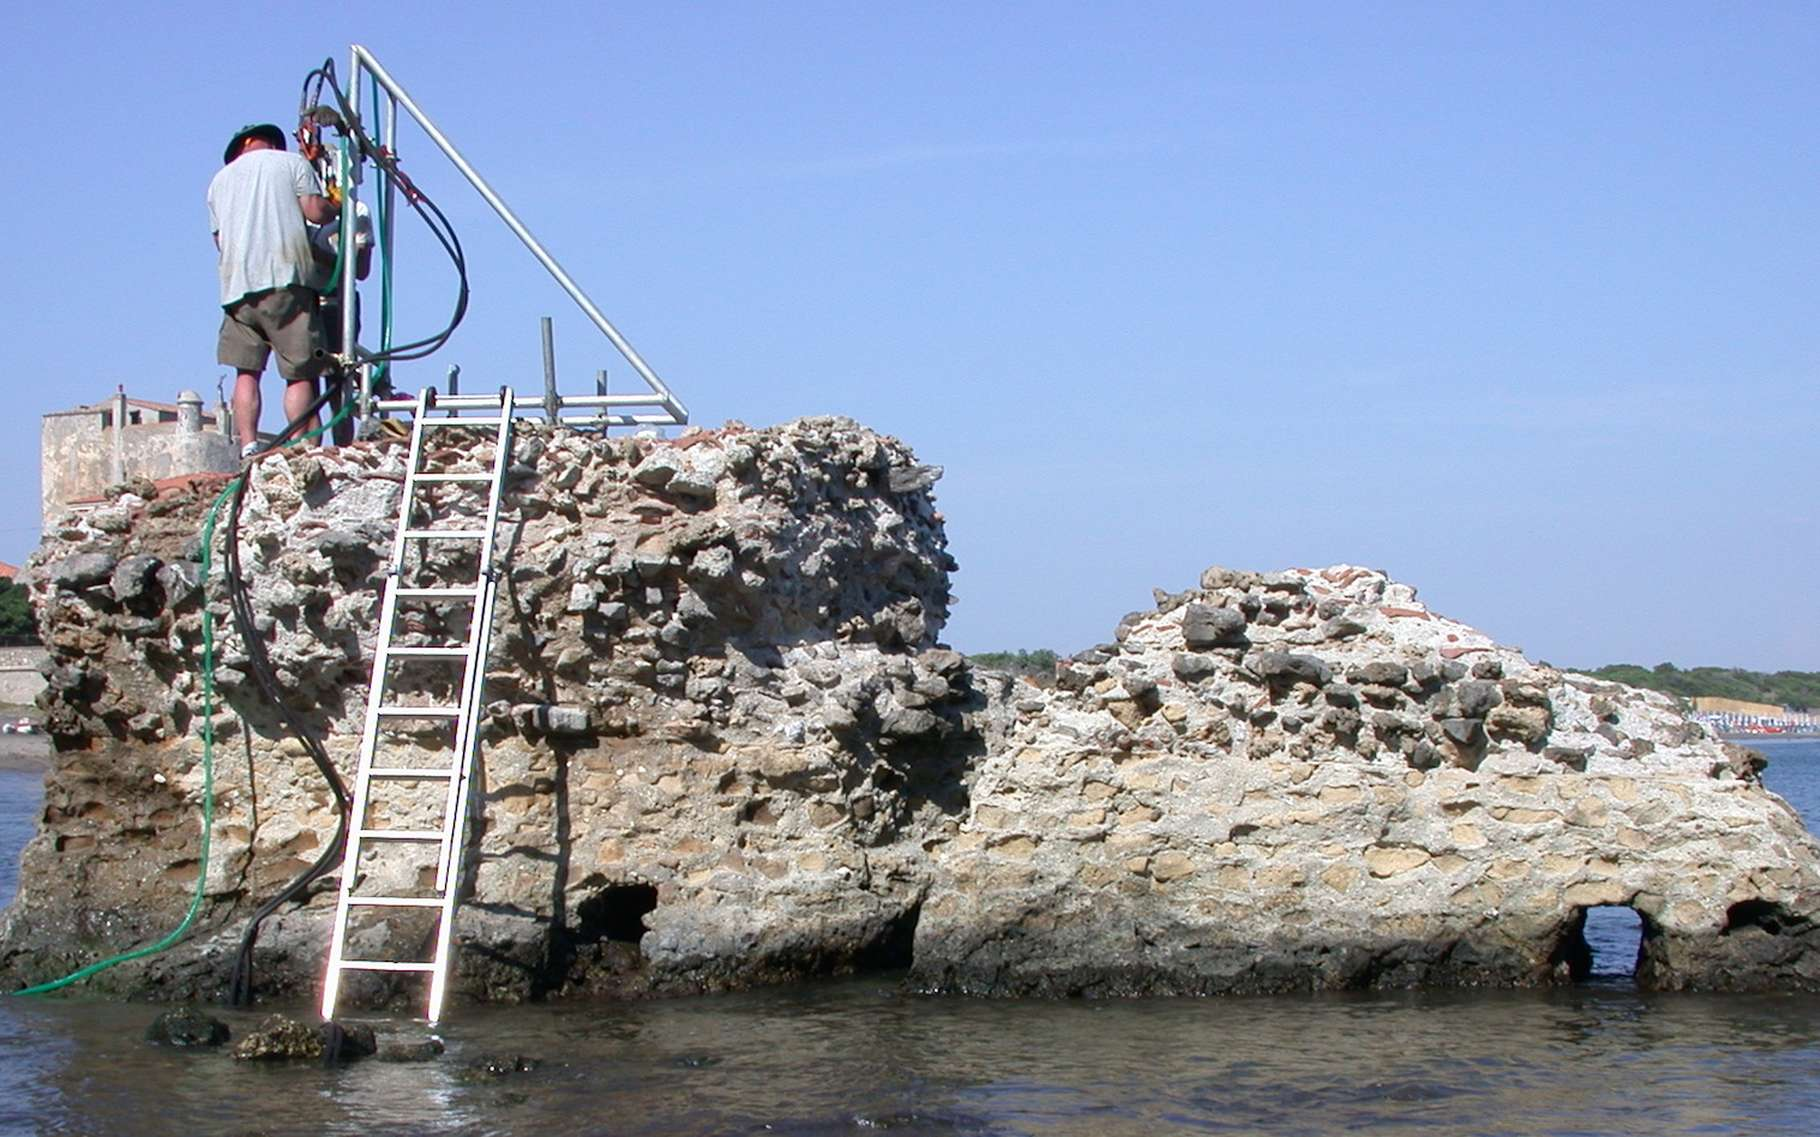 Des chercheurs de l'université de l'Utah ont percé le secret de l'incroyable résistance du béton romain : la croissance de minéraux entrelacés sous l'effet de l'eau de mer. © J. P. Oleson, université de l'Utah